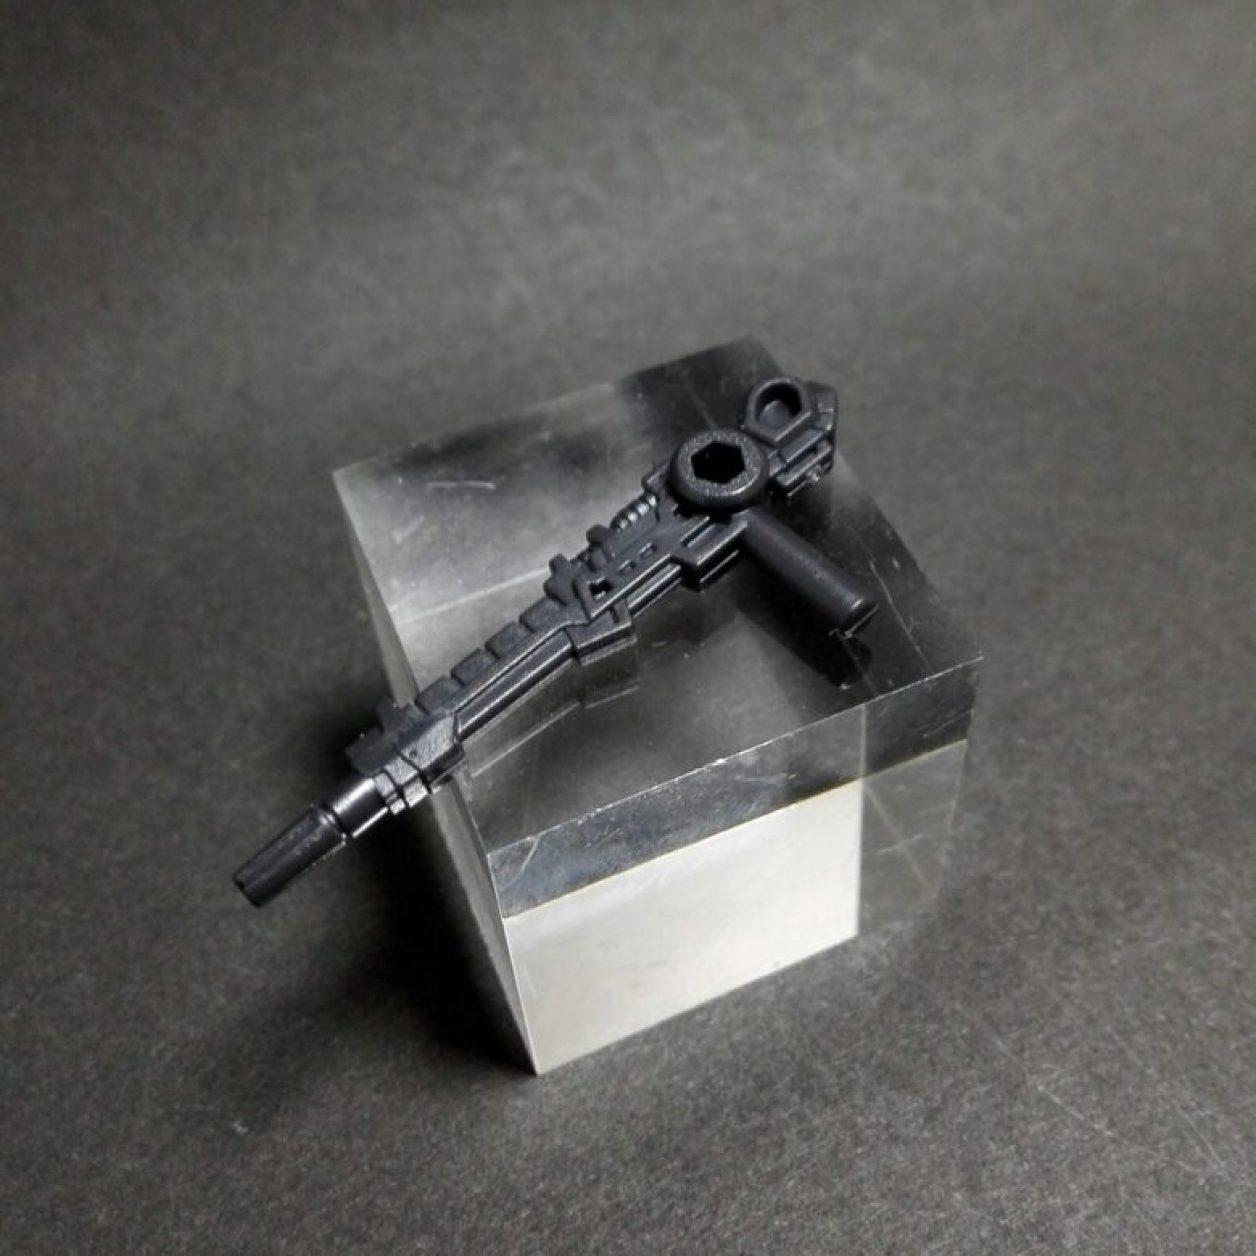 mobile suit ensemble 14弾のMS武器セットのゼータプラス用武装のビーム・ライフルの画像